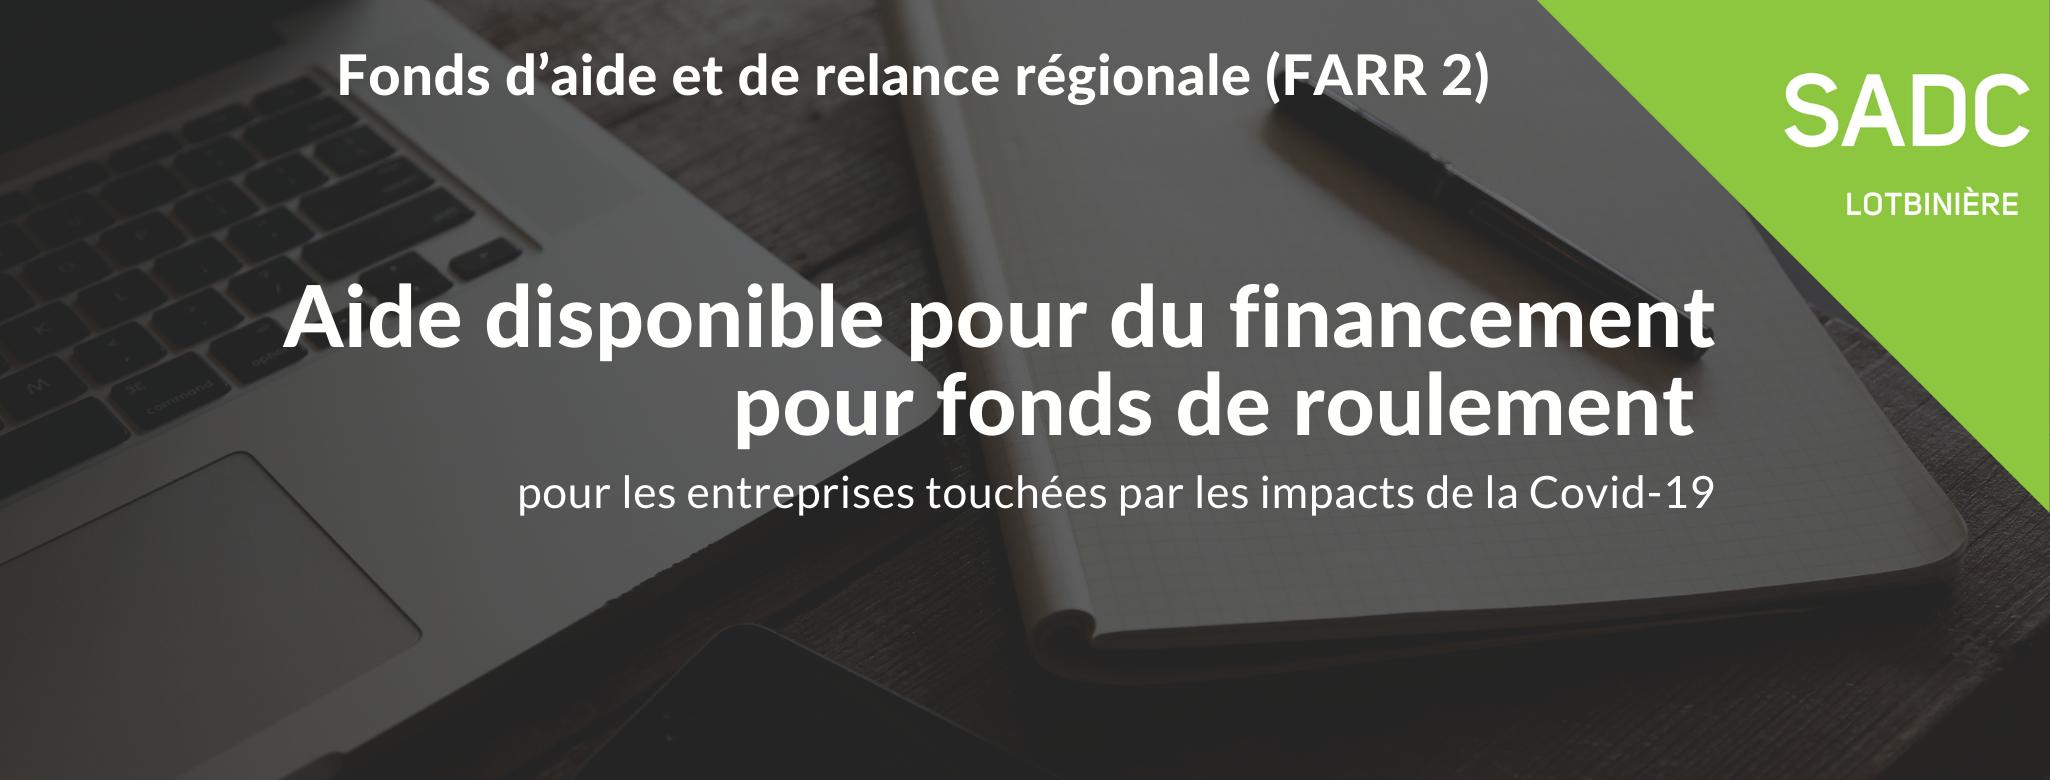 FARR2 Financement